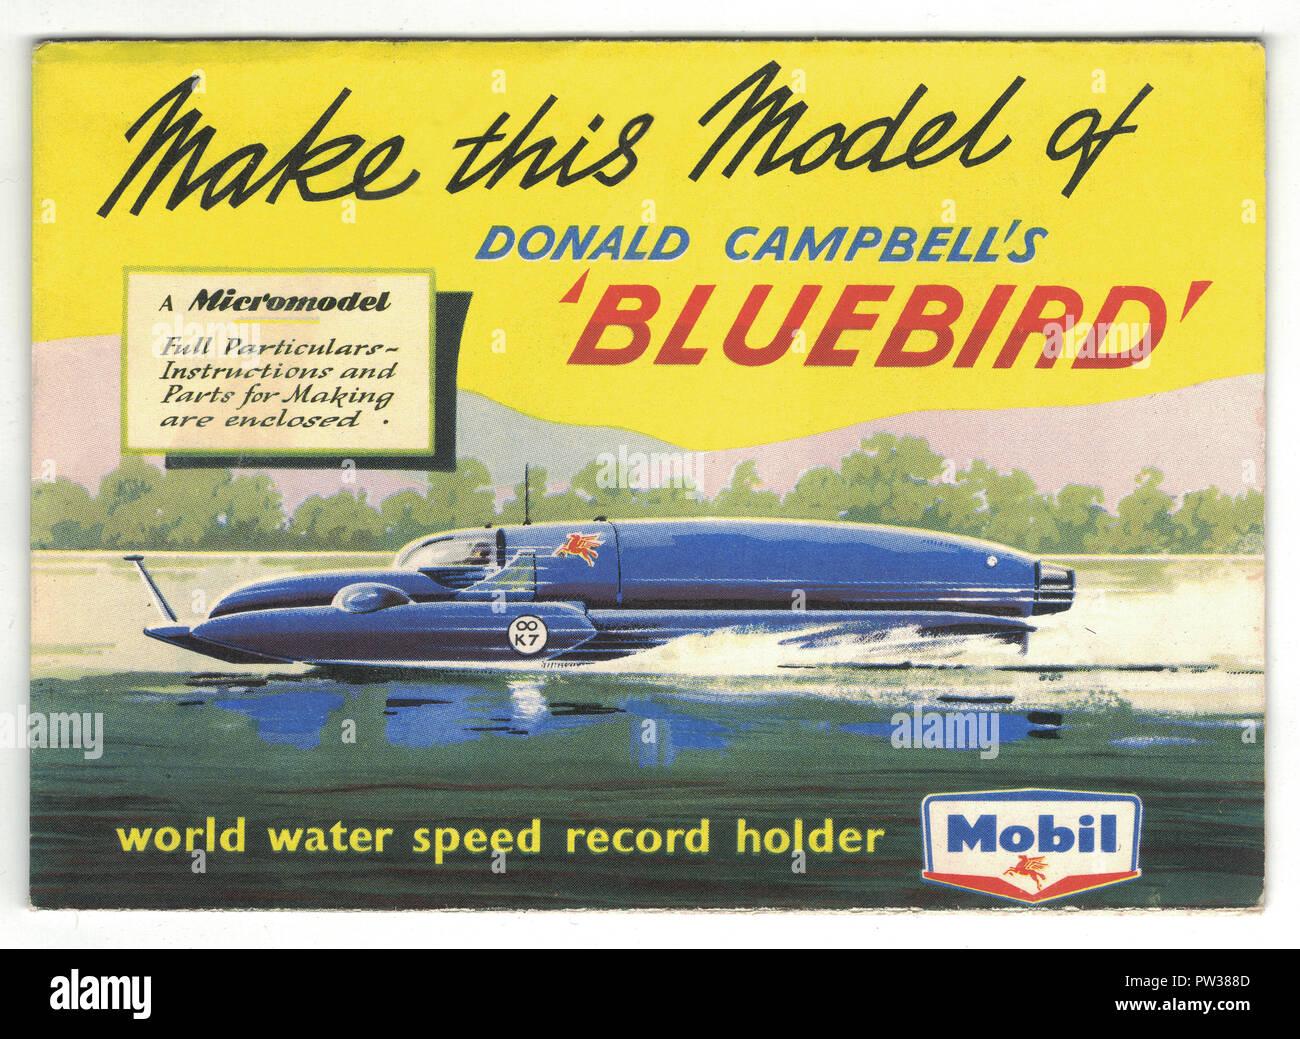 Donald Campbell's Bluebird coche, hacer su propio modelo Bluebird, circa 1956 Imagen De Stock